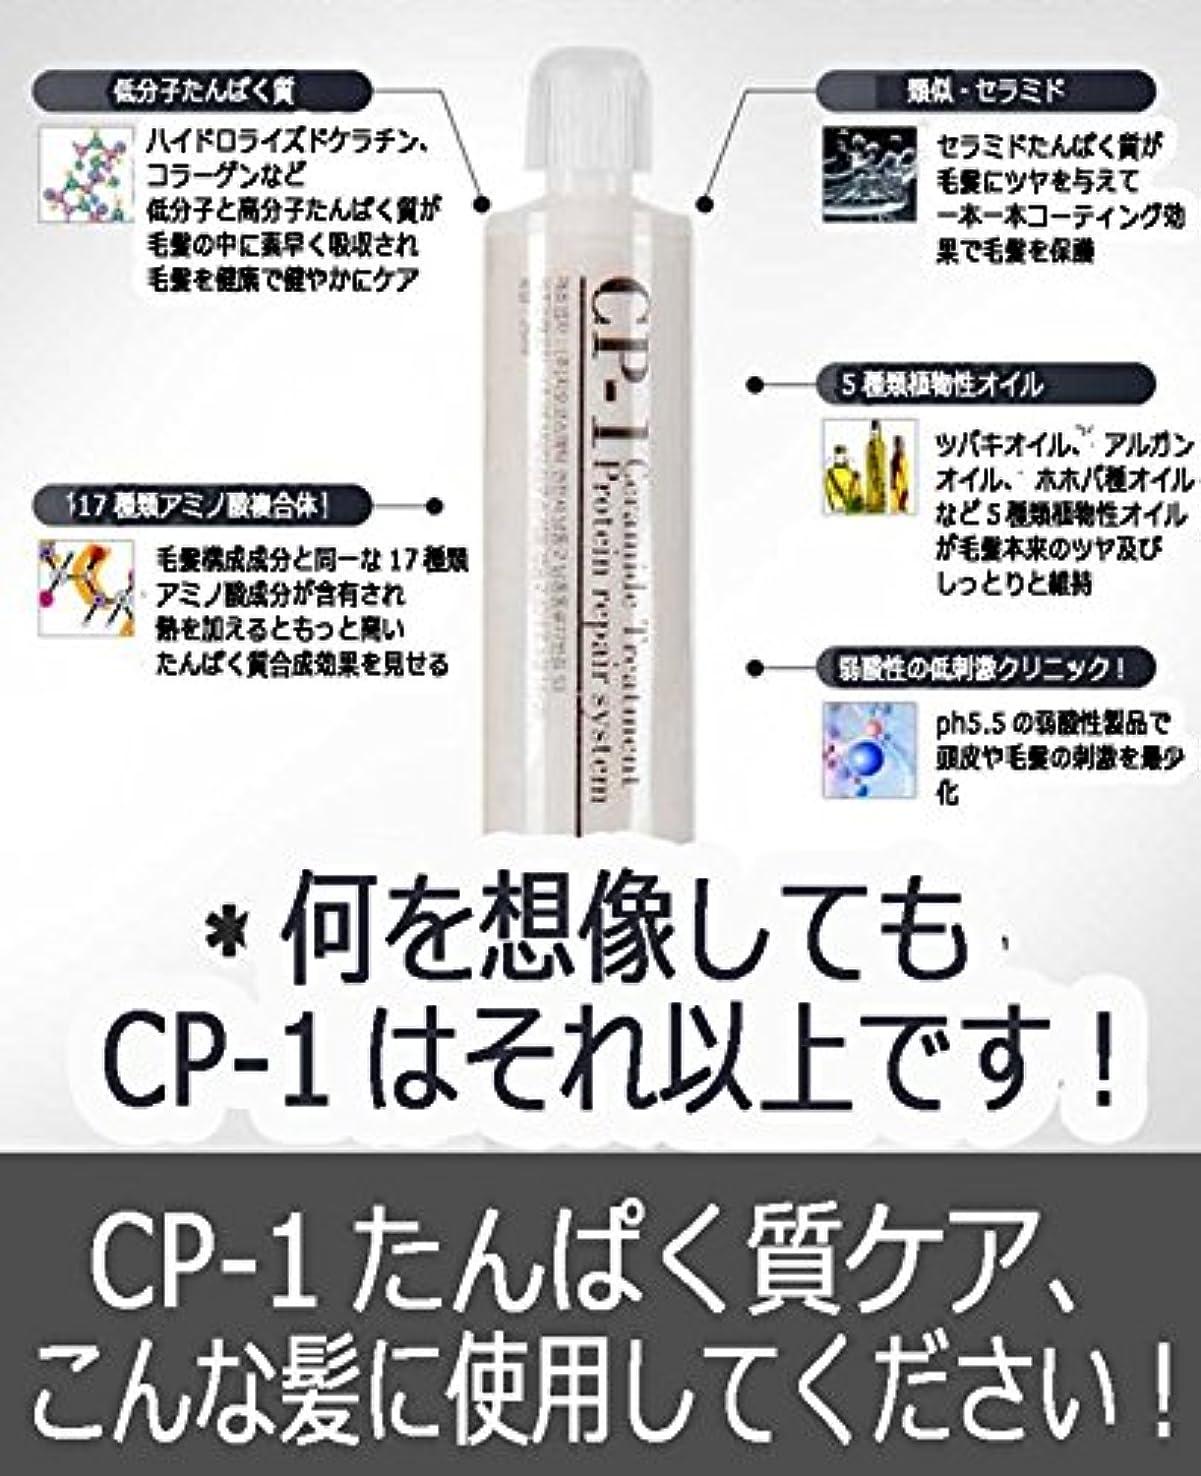 予報港しっかり[CP-1 Protein 10pcs タンパク質&セラミド] ヘア?デザイナーが先ずお勧めするタンパク質クリニック!家で簡単タンパク質の施術で、高度なサロンケアを体験!【10個入り】